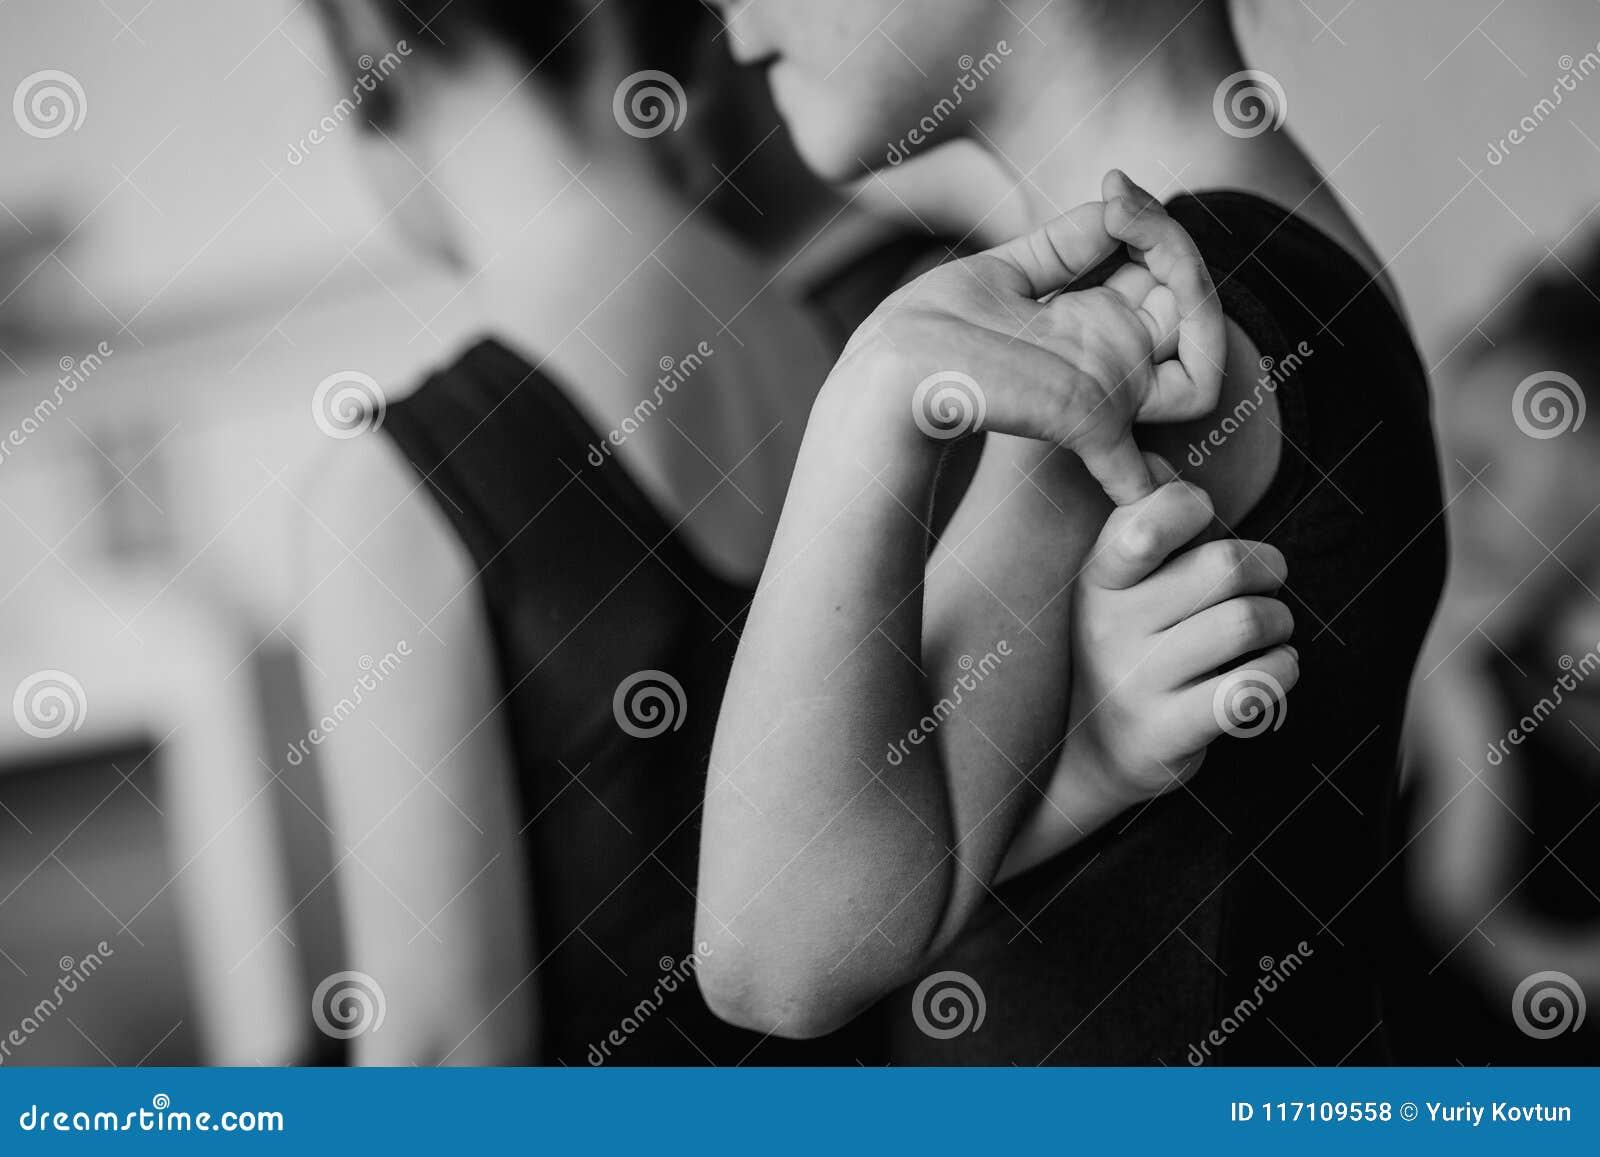 Desempenho de espera do dançarino da menina que experimenta esticando os braços